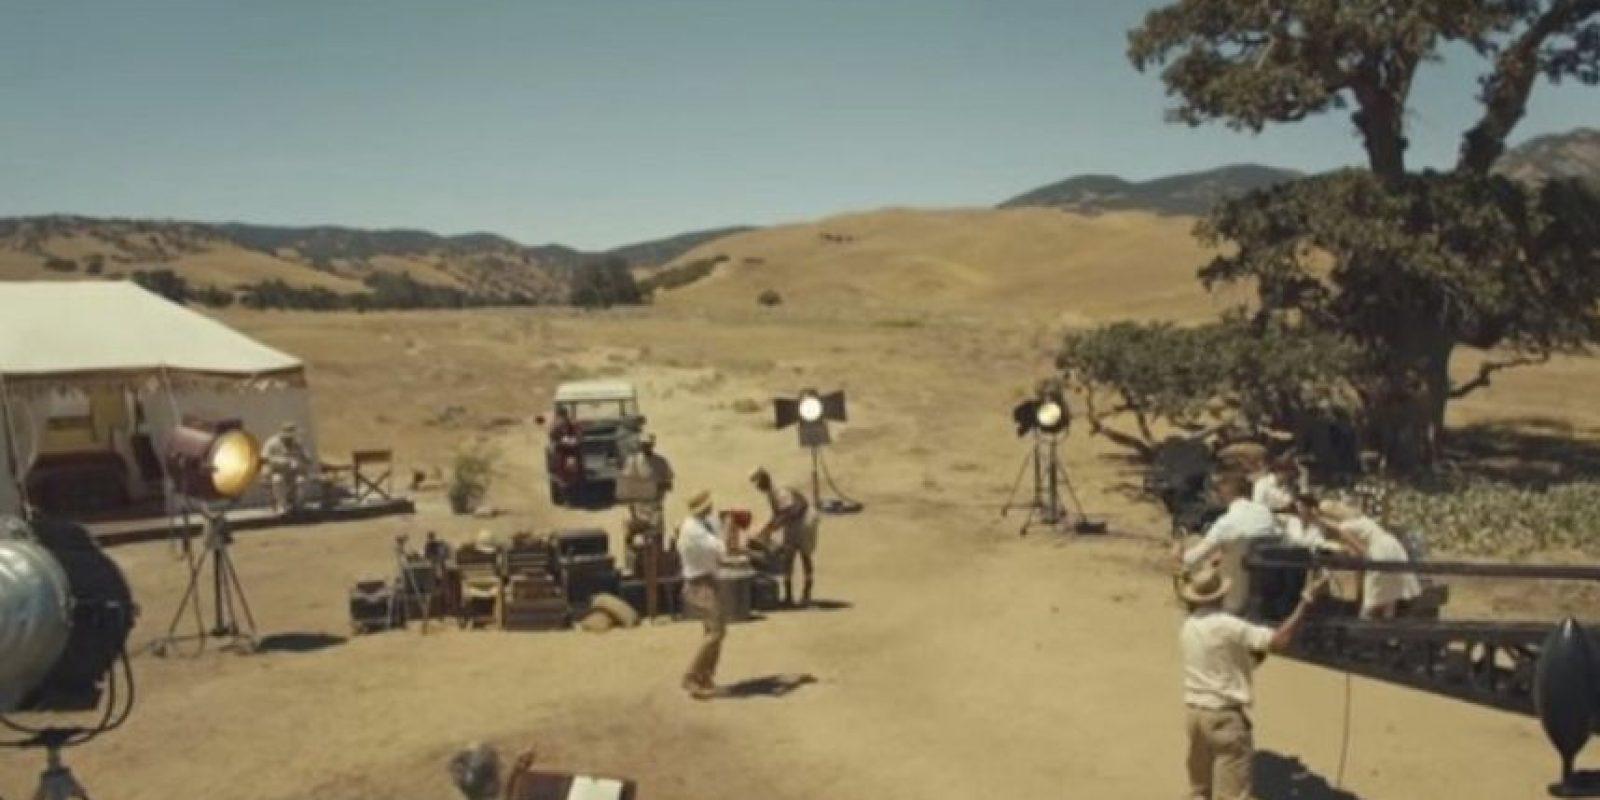 """El nuevo clip, que se desarrolla en África, ha sido acusado de mostrar la """"fantasía de la colonia africana"""". Foto:vía YouTube/TaylorSwift"""